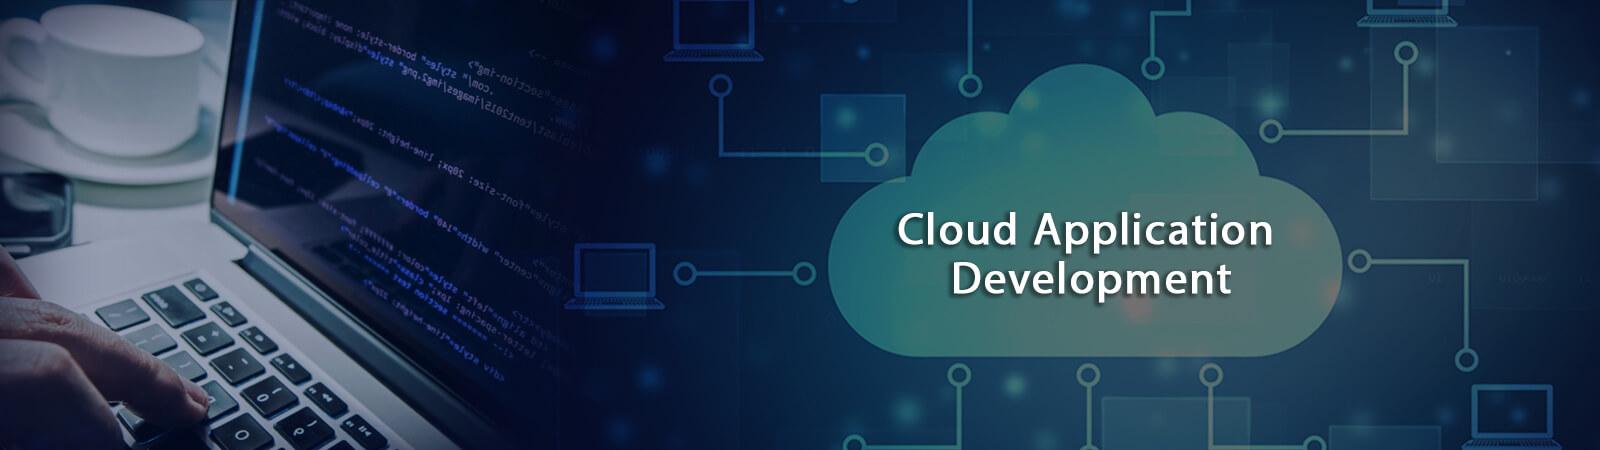 cloud-application-development-services